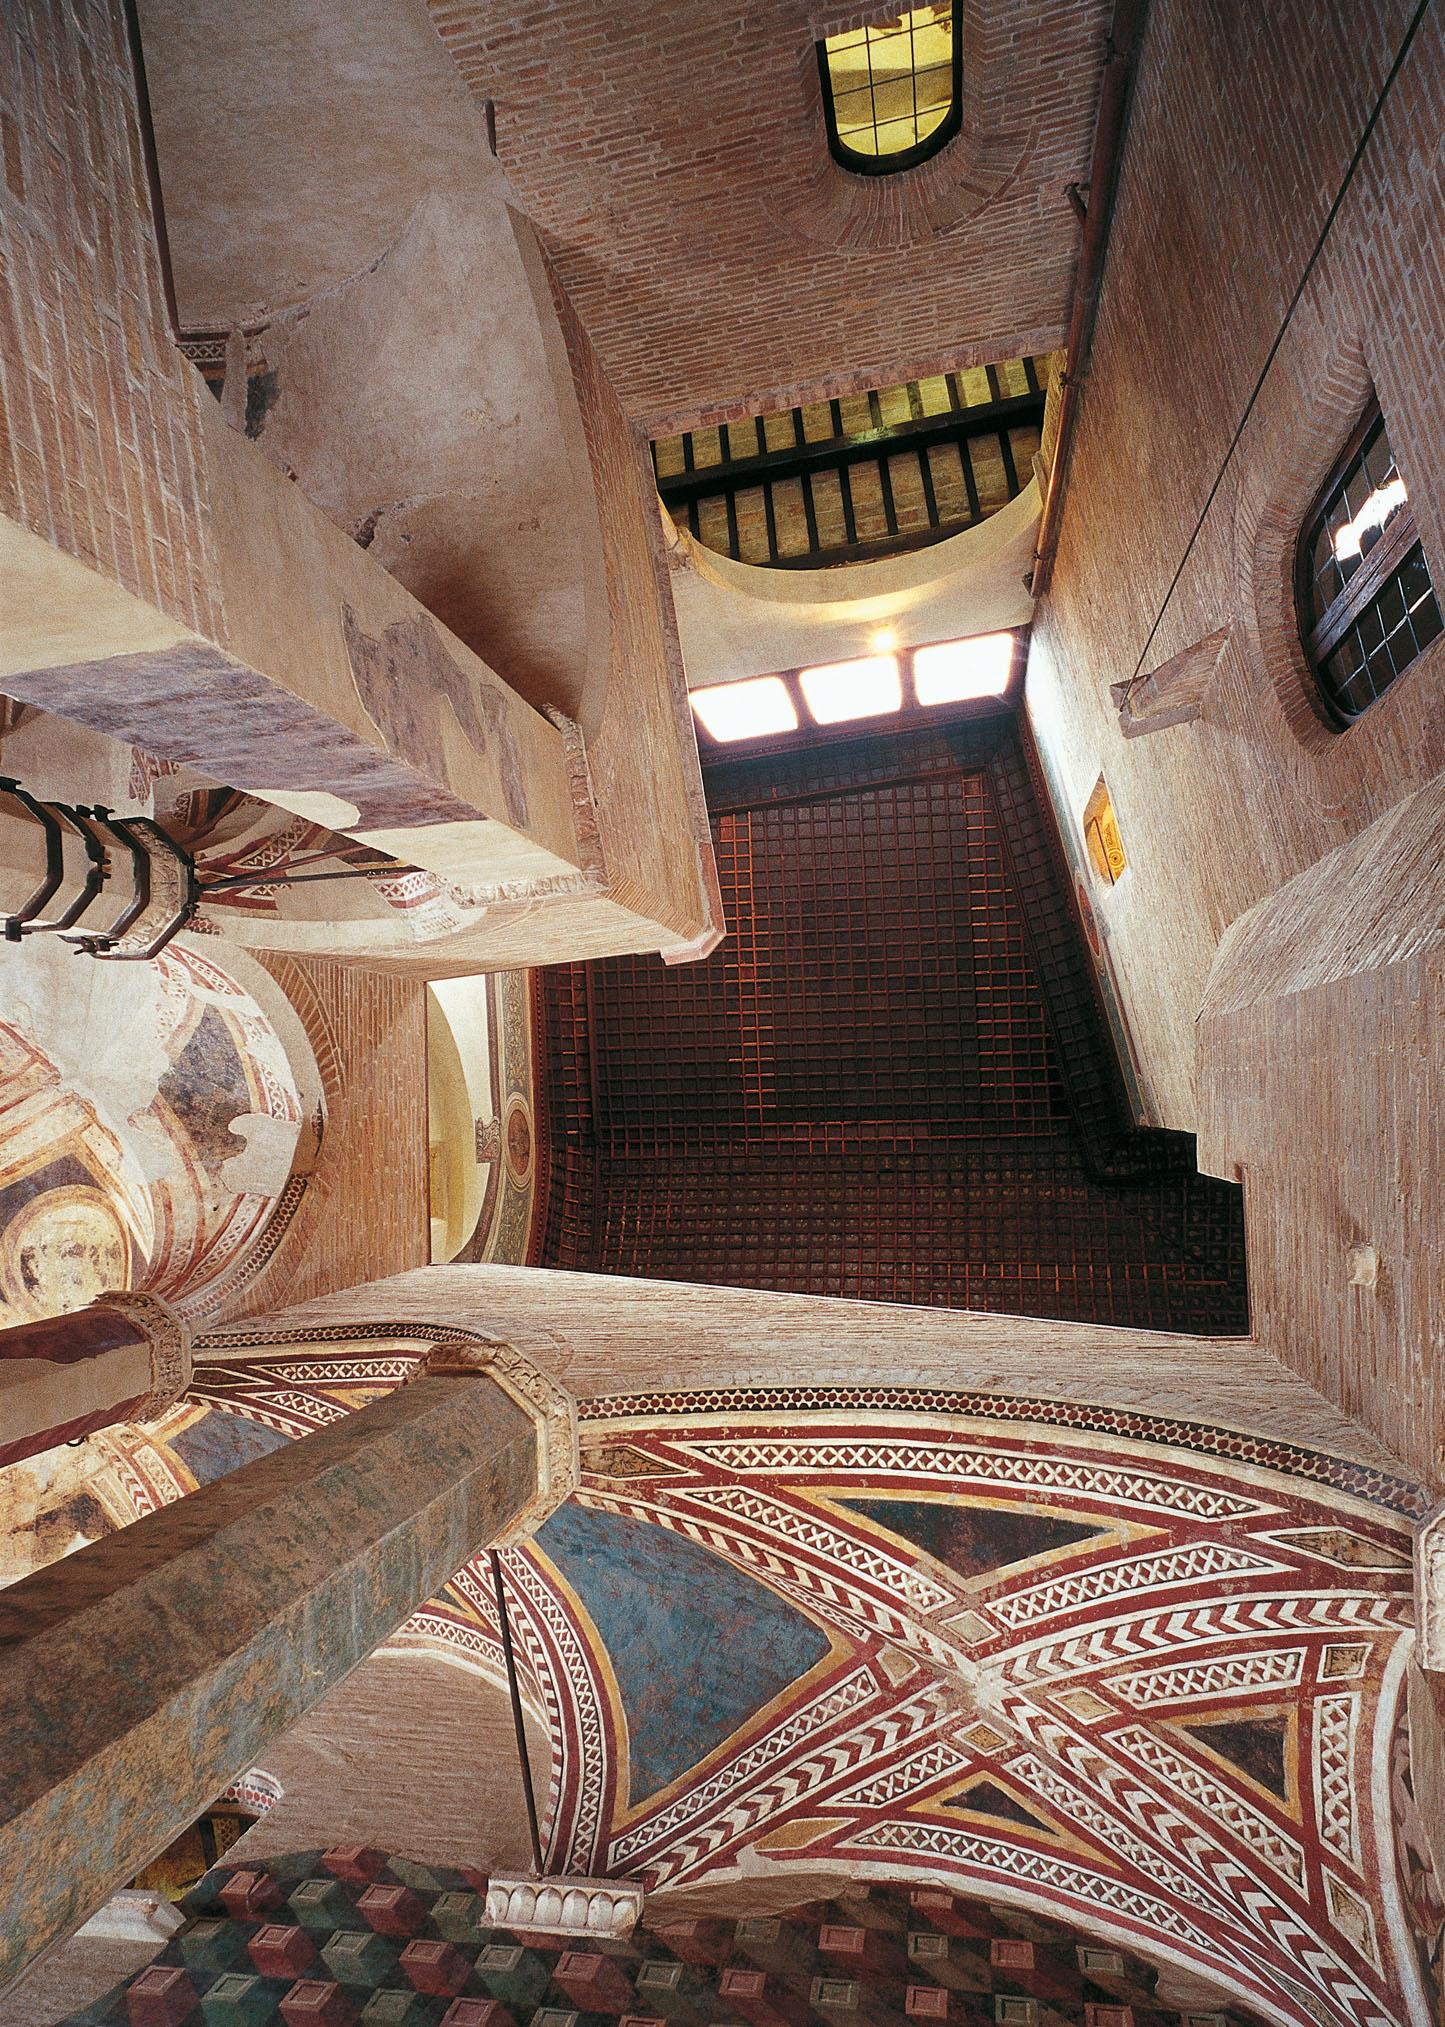 La madonna di foligno torna nel monastero di sant anna for Conti immobiliare foligno